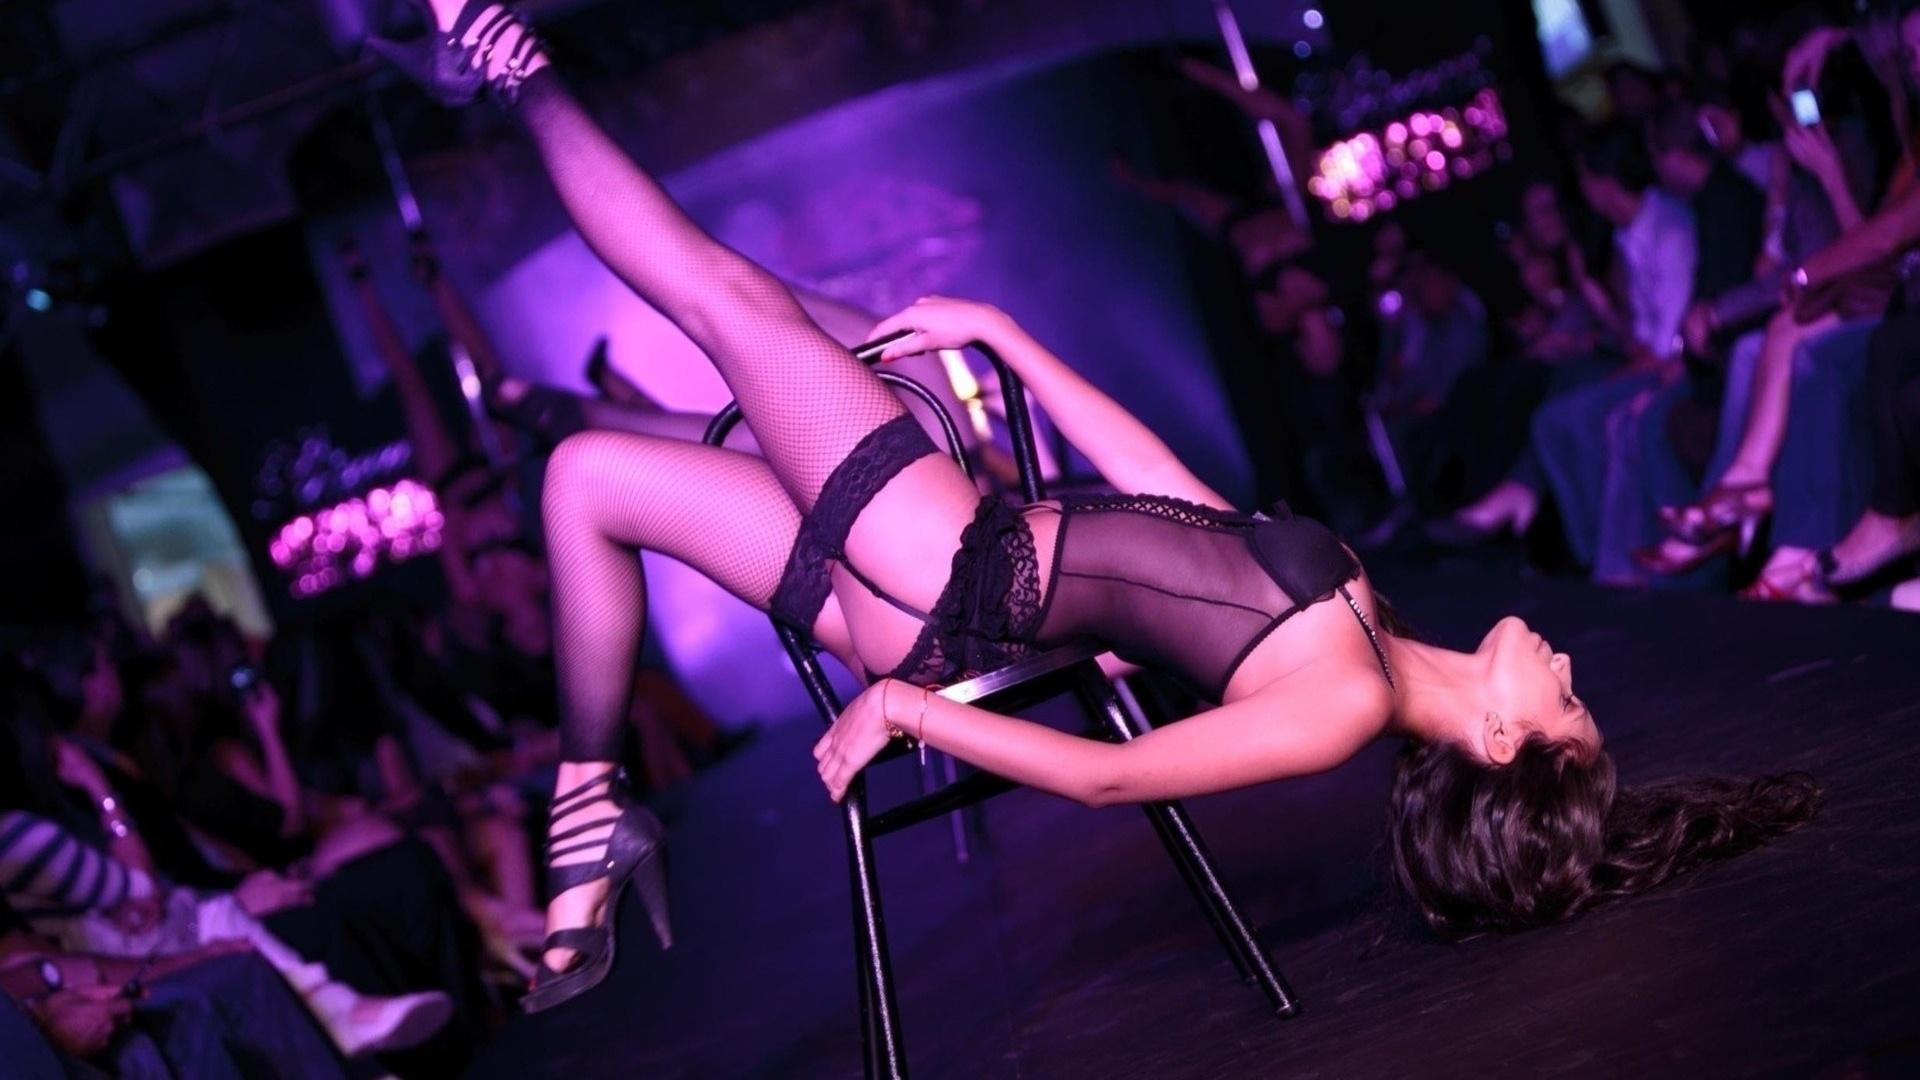 Gfe stripper russia